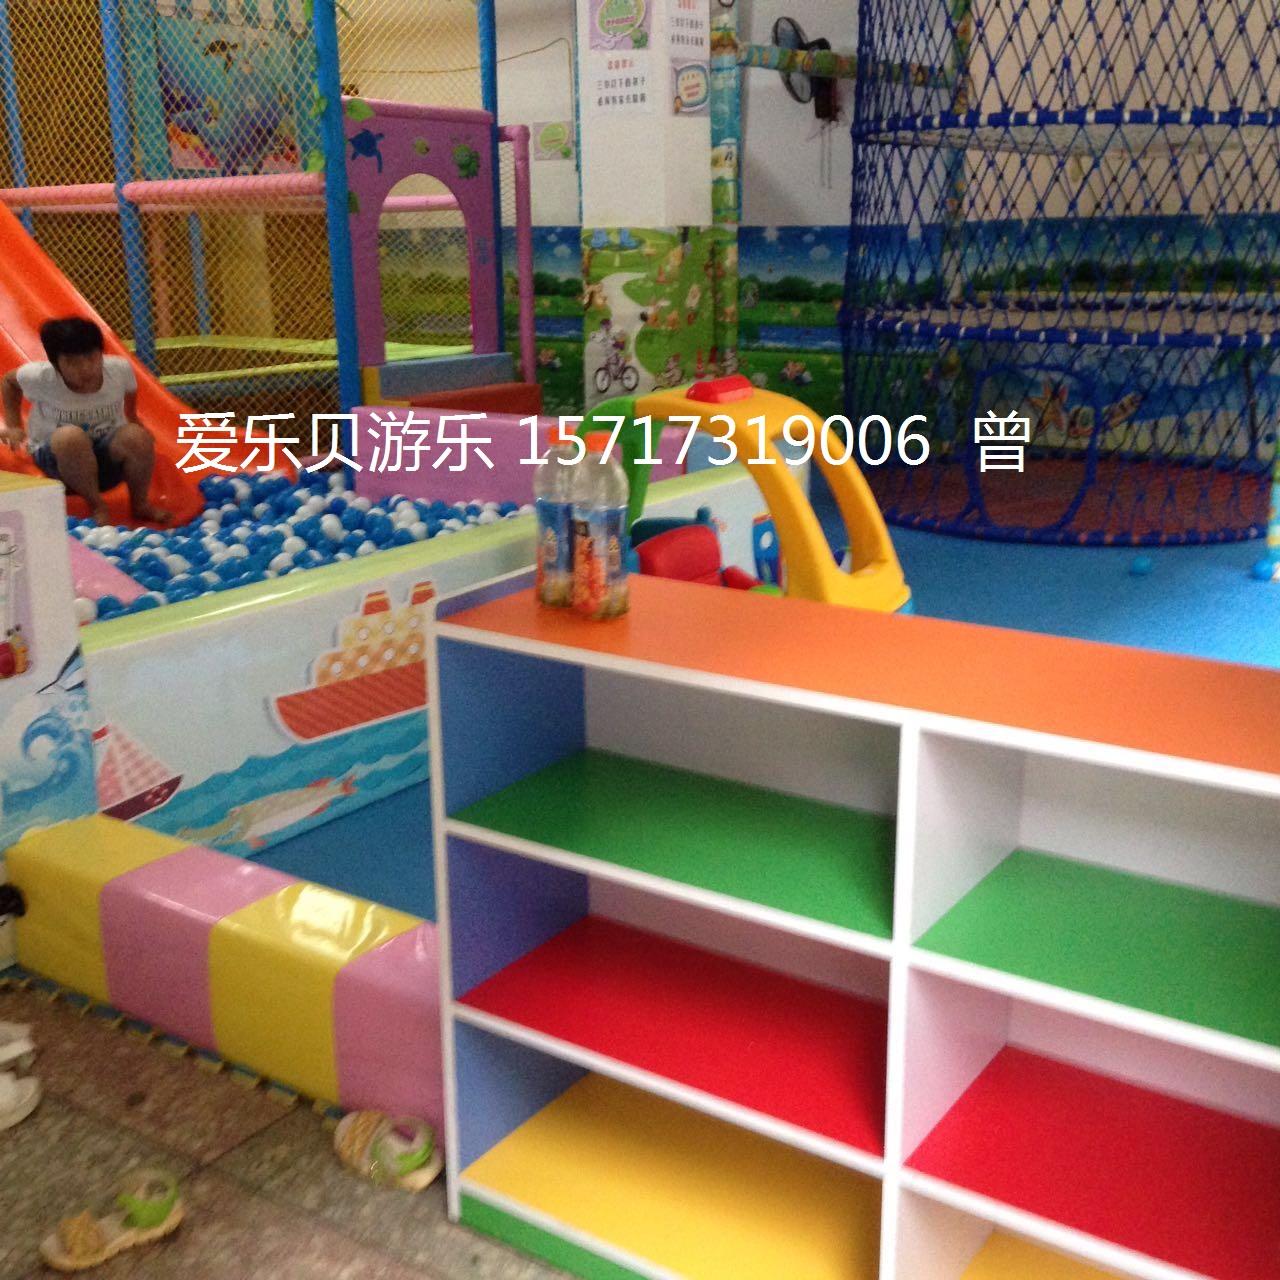 湖南长沙电动摇马,儿童玩具,积木拼图,蹦蹦床游乐设备厂家